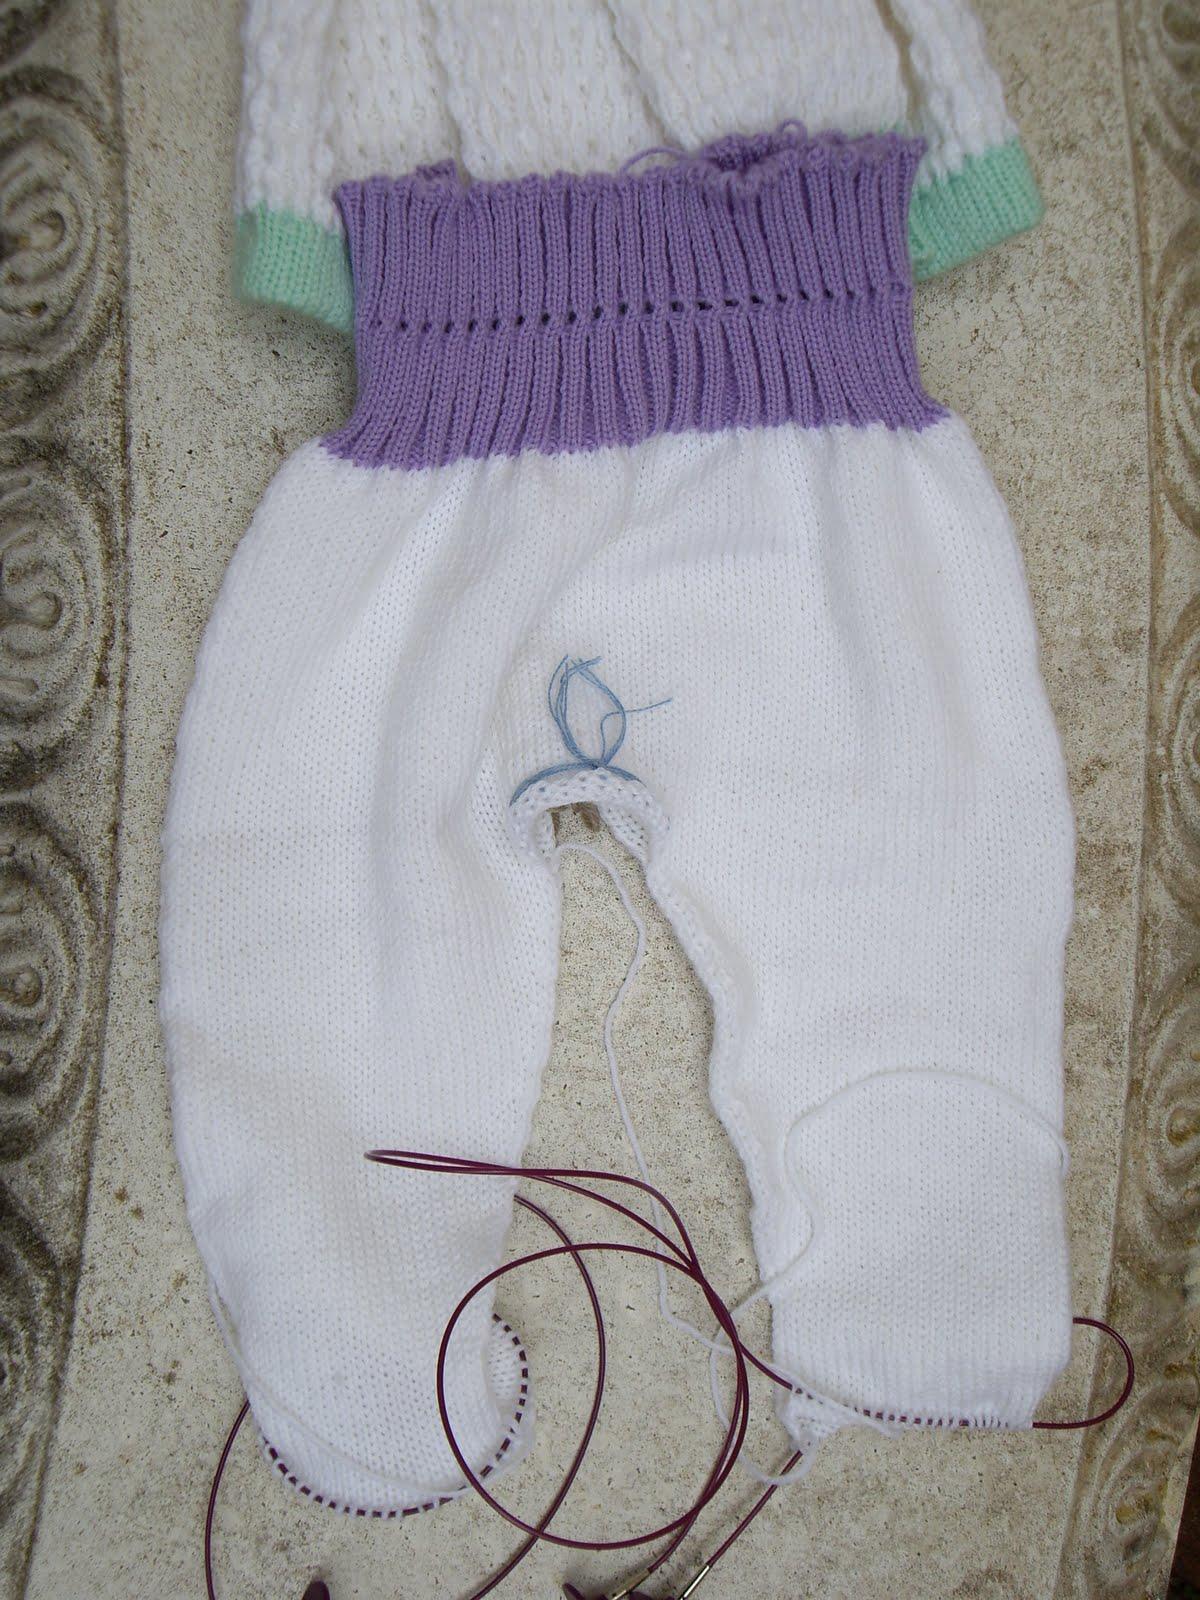 Ozlornas Knitting Blog: Passap Baby Leggings Pattern